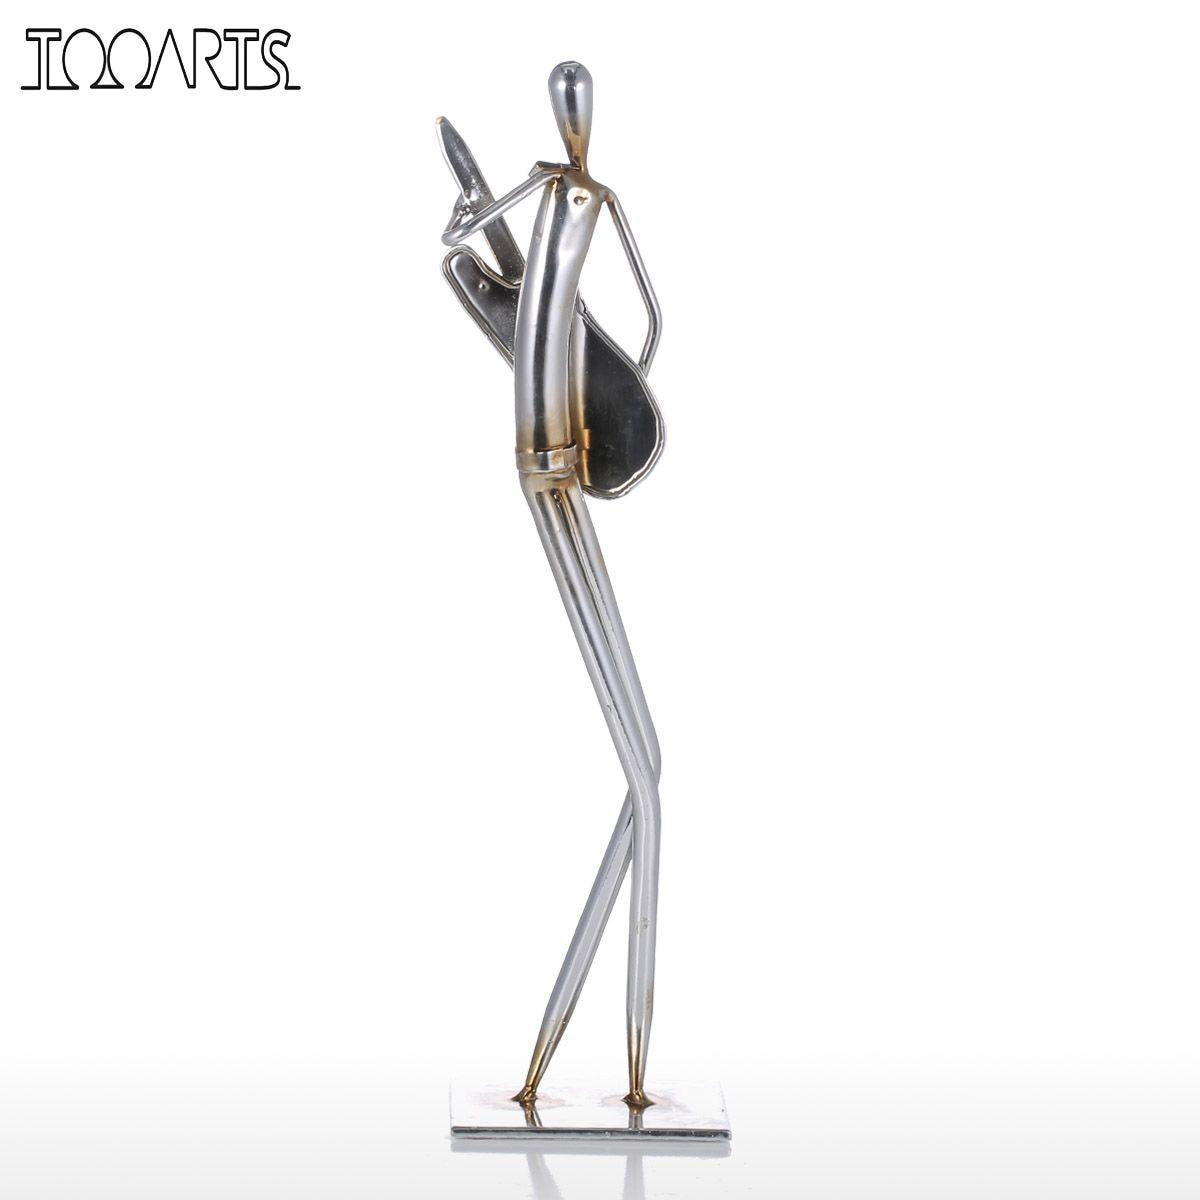 Tooarts Metal Sculpture Orchestra Trumpet Iron Sculpture